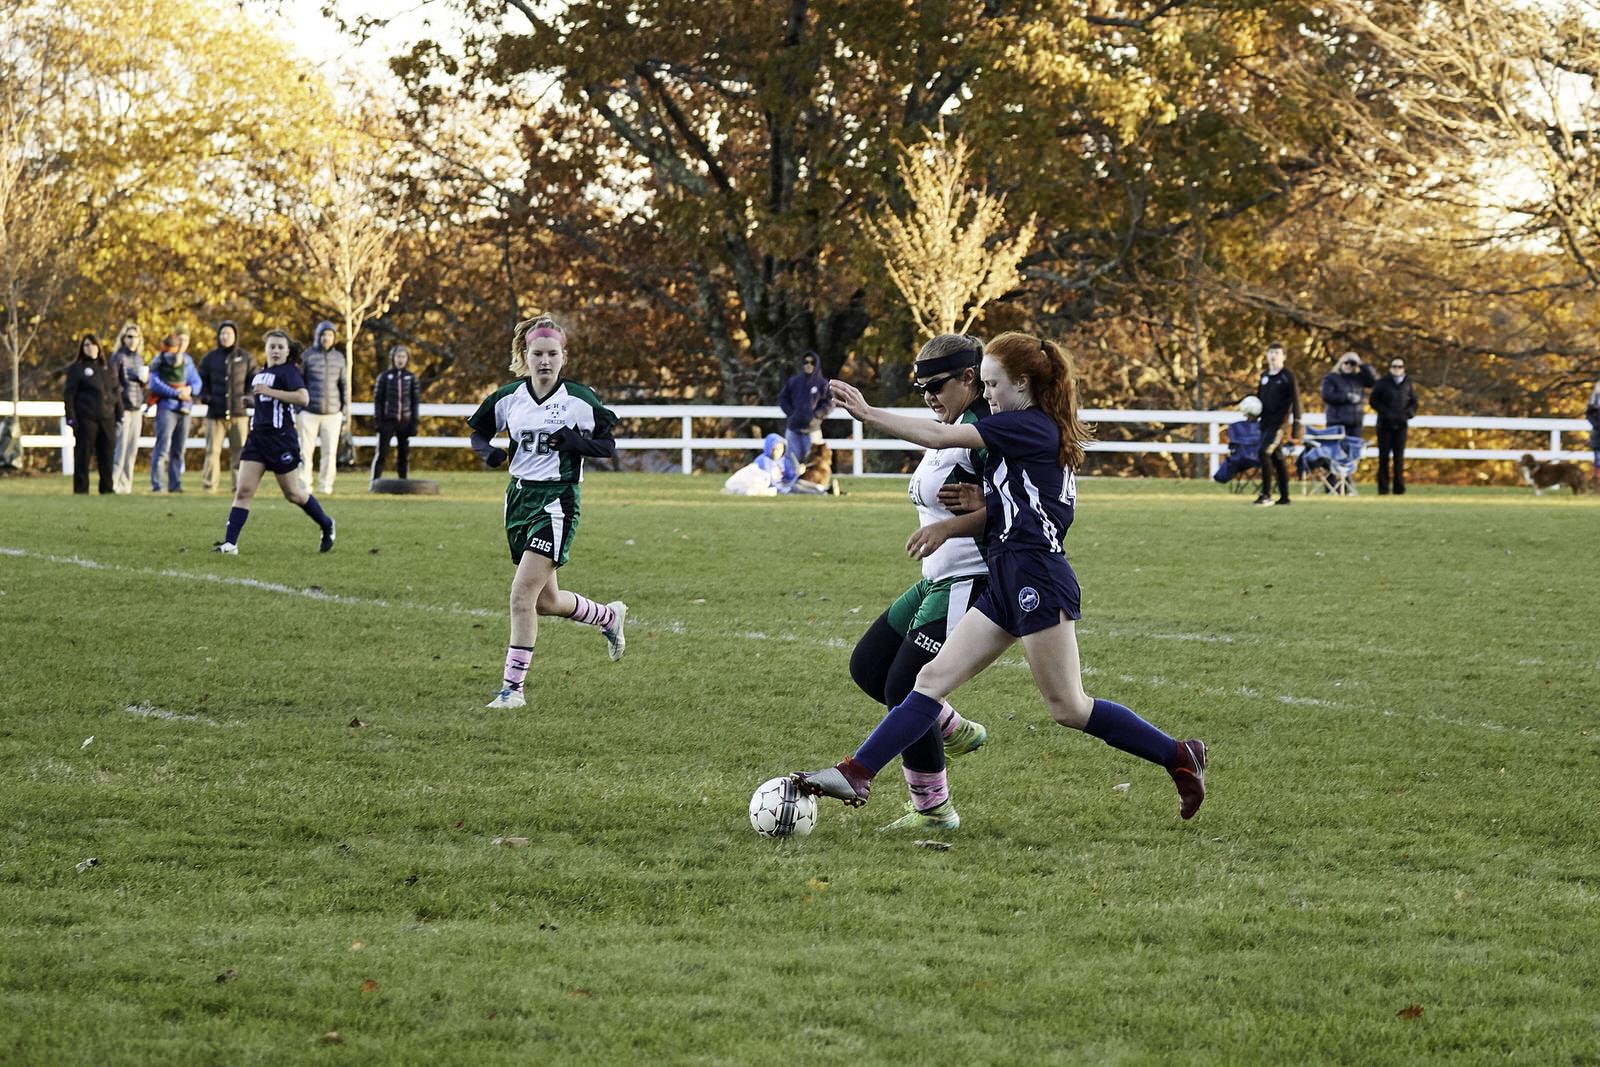 Girls Varsity Soccer vs. Eagle Hill School - October 30, 2018 139192.jpg